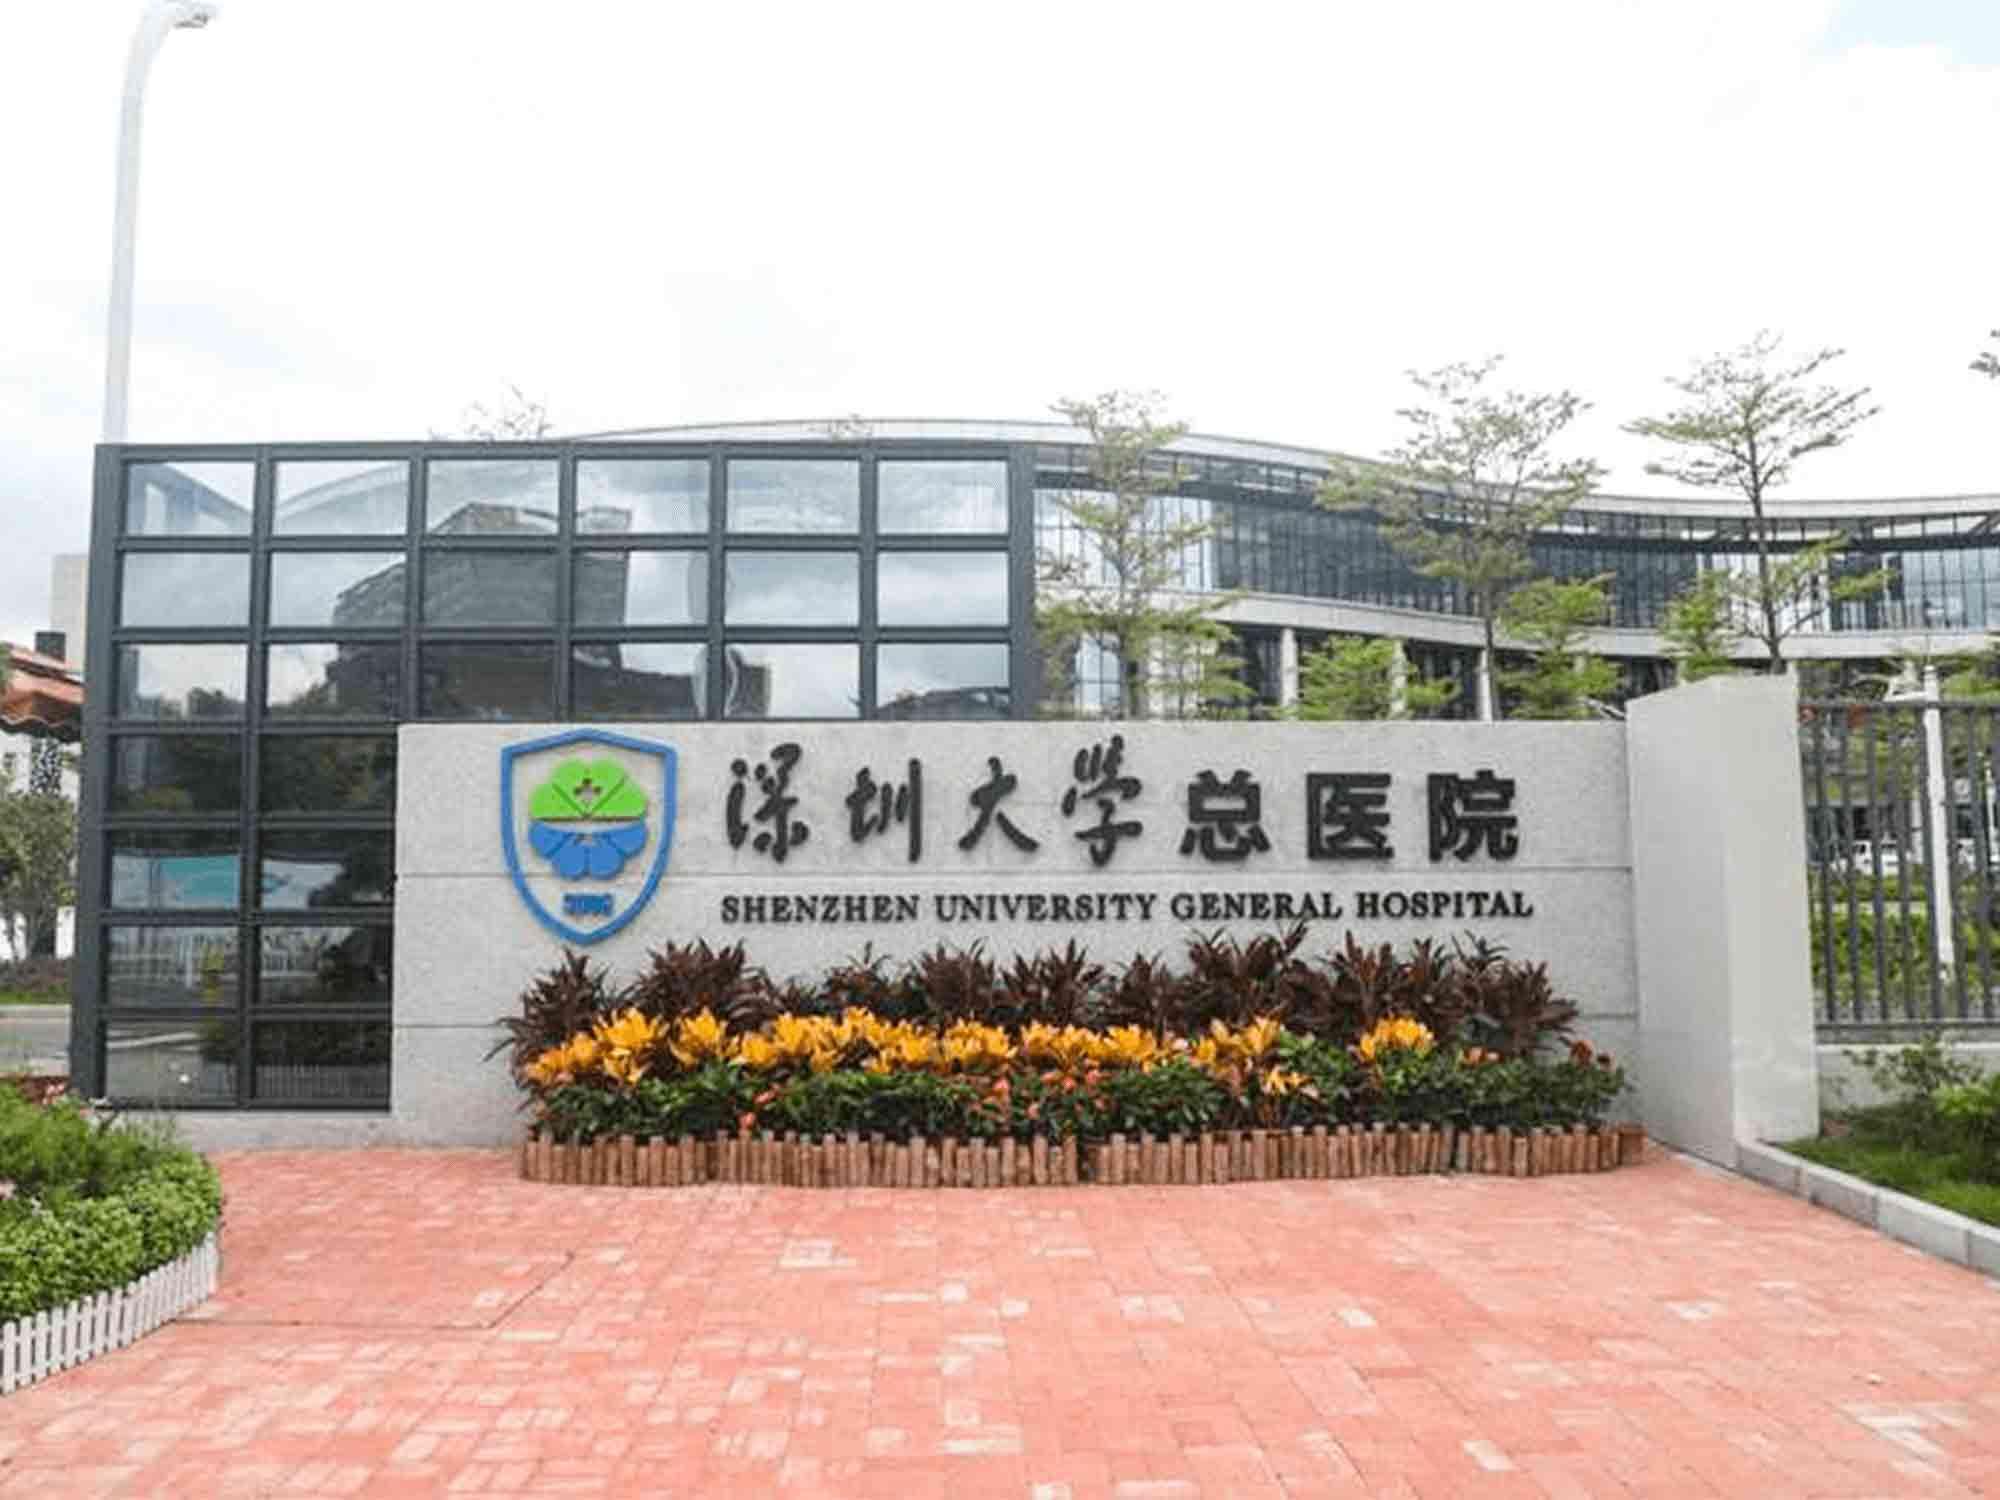 深圳大学总医院体检中心